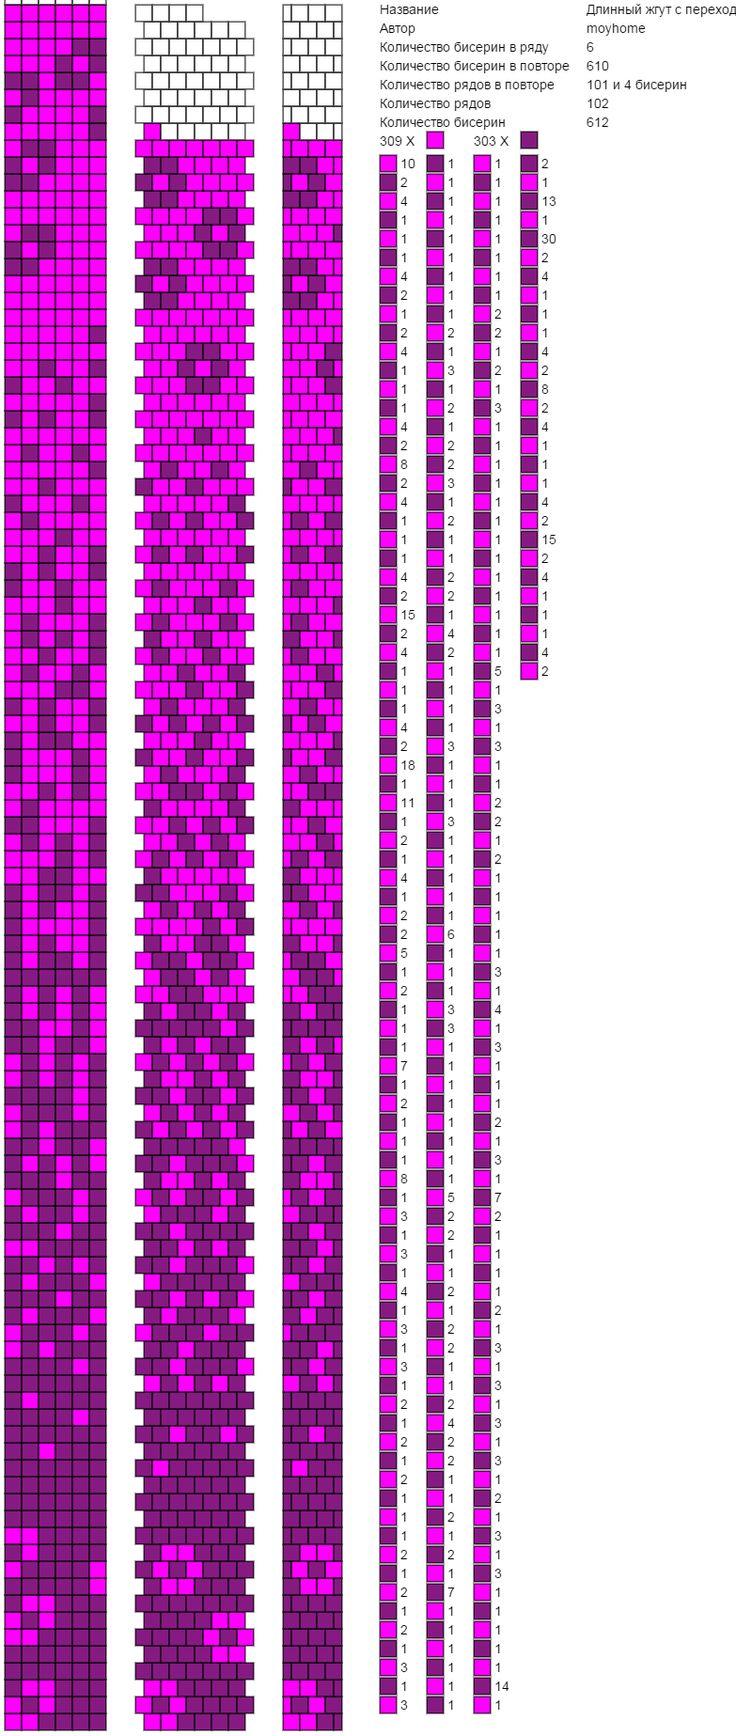 6 around | Длинный жгут с переходами и цветами